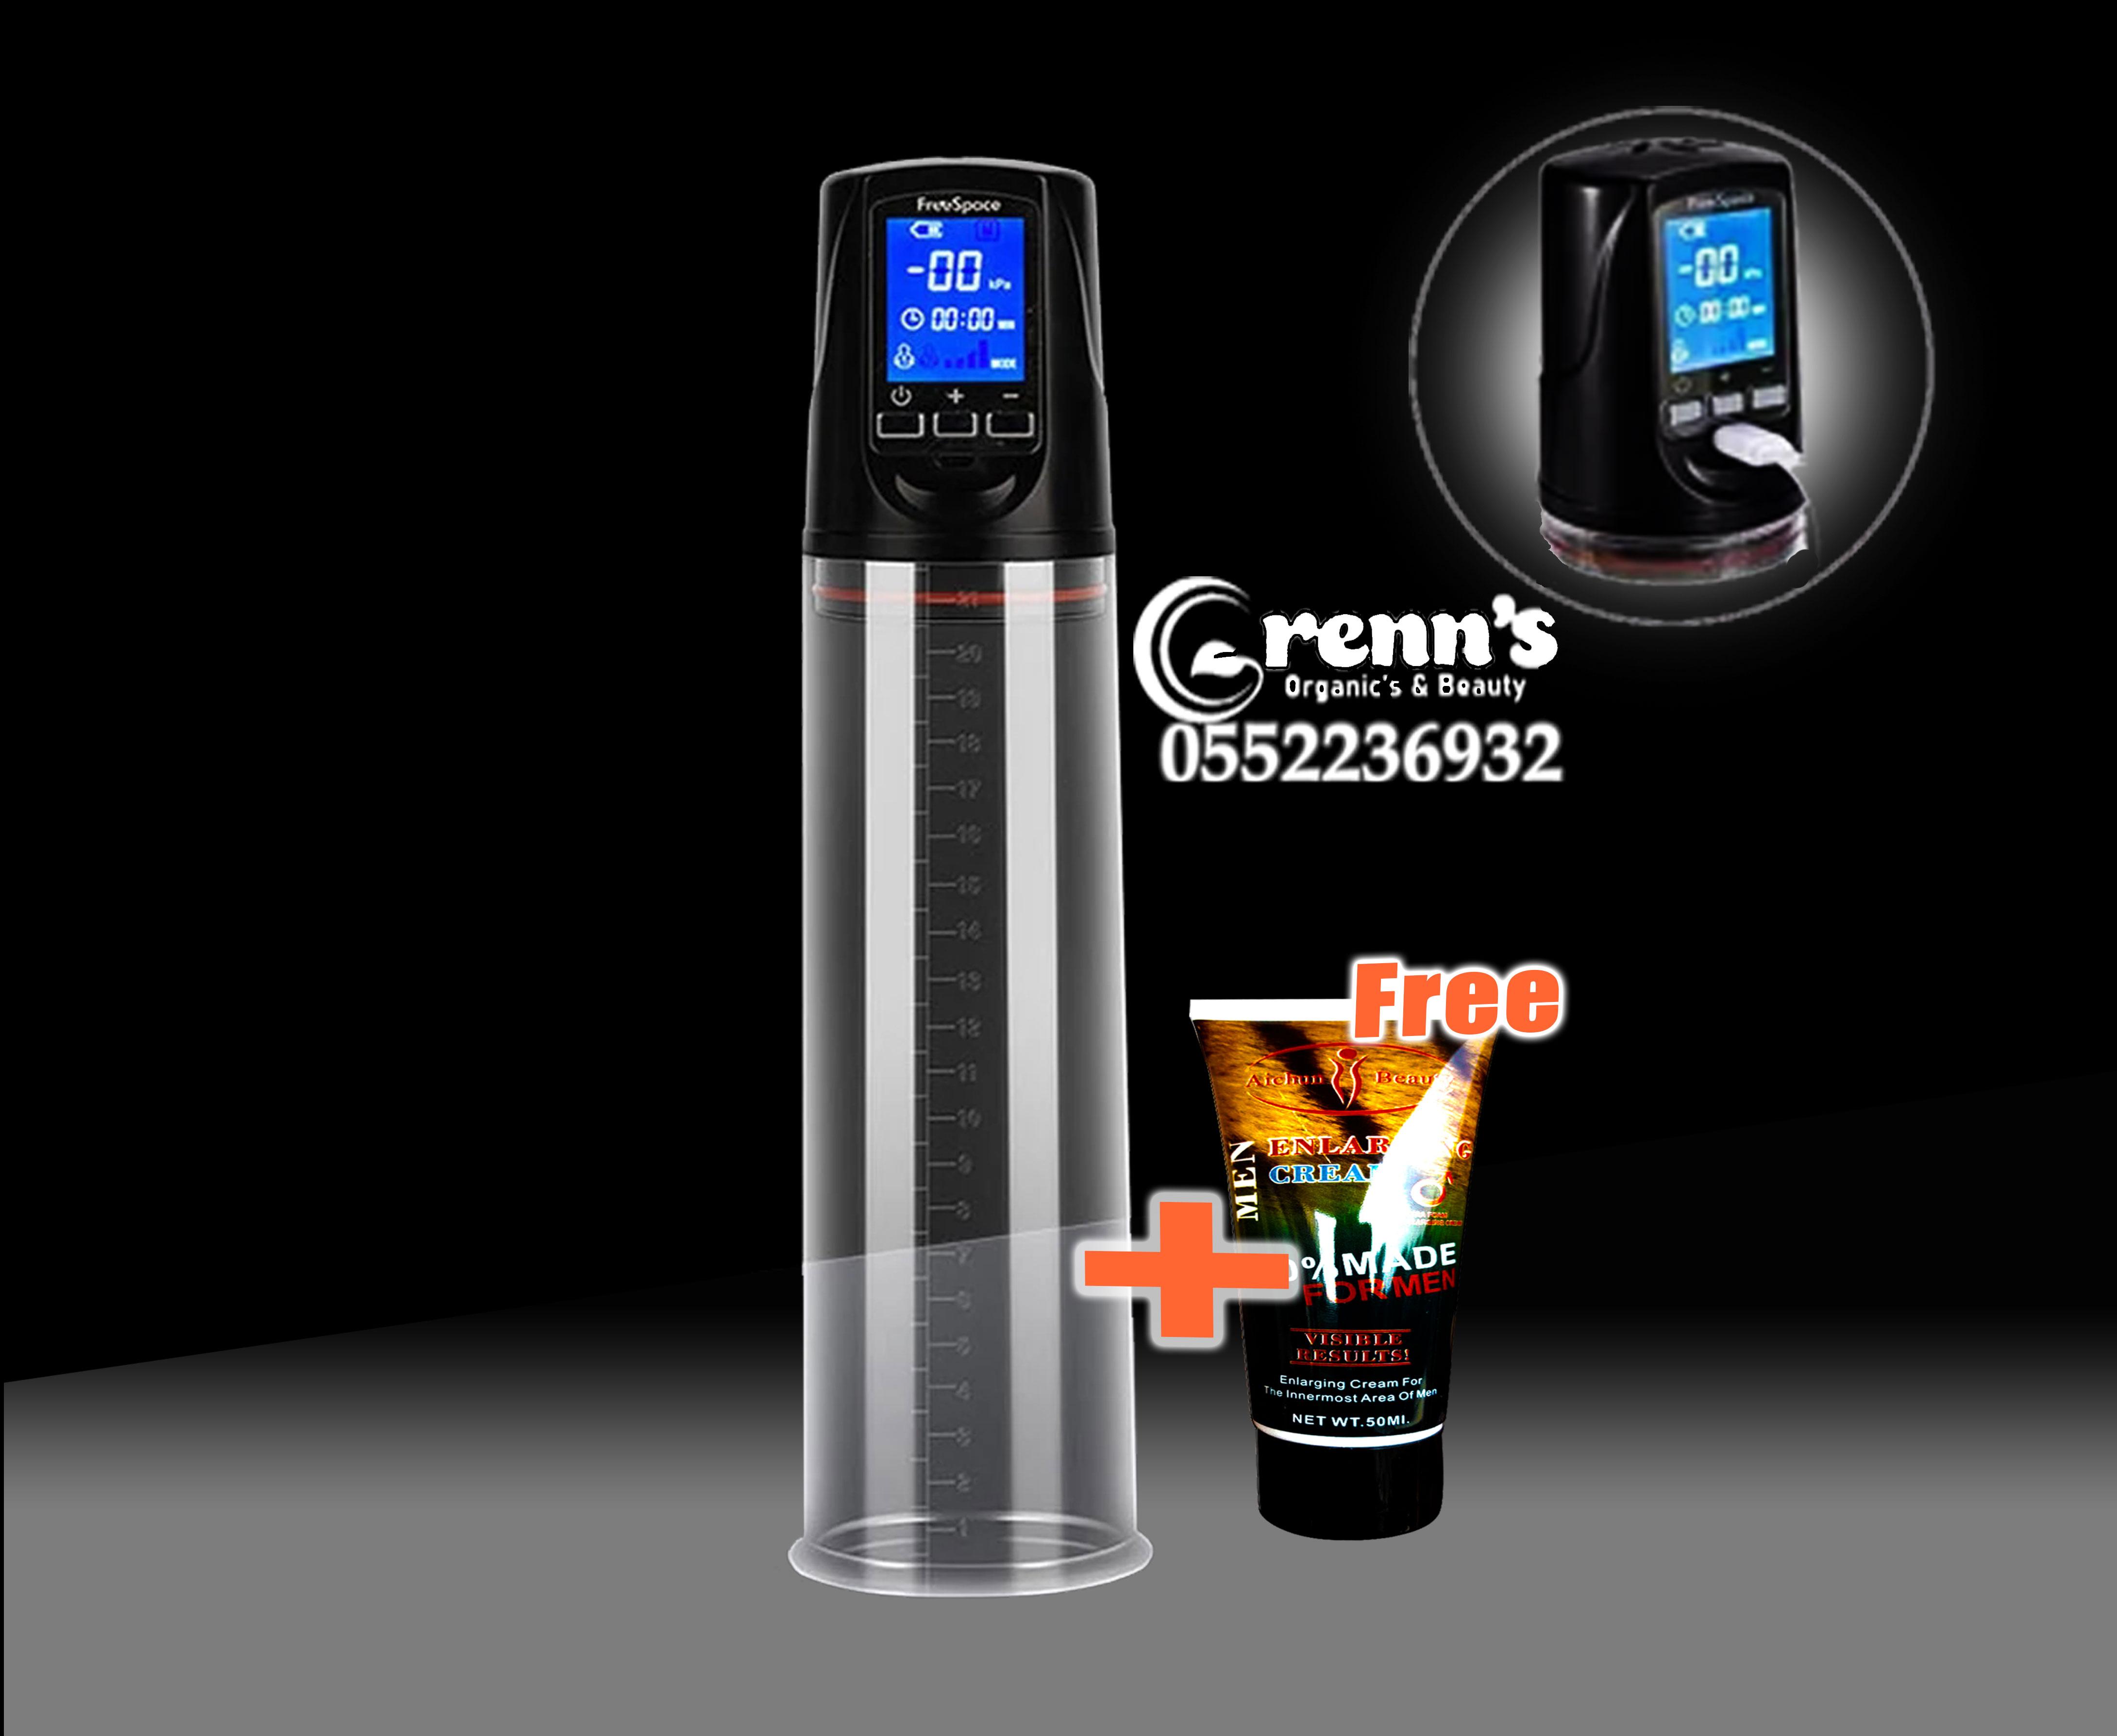 Automatic penis enlarging pump plus free cream